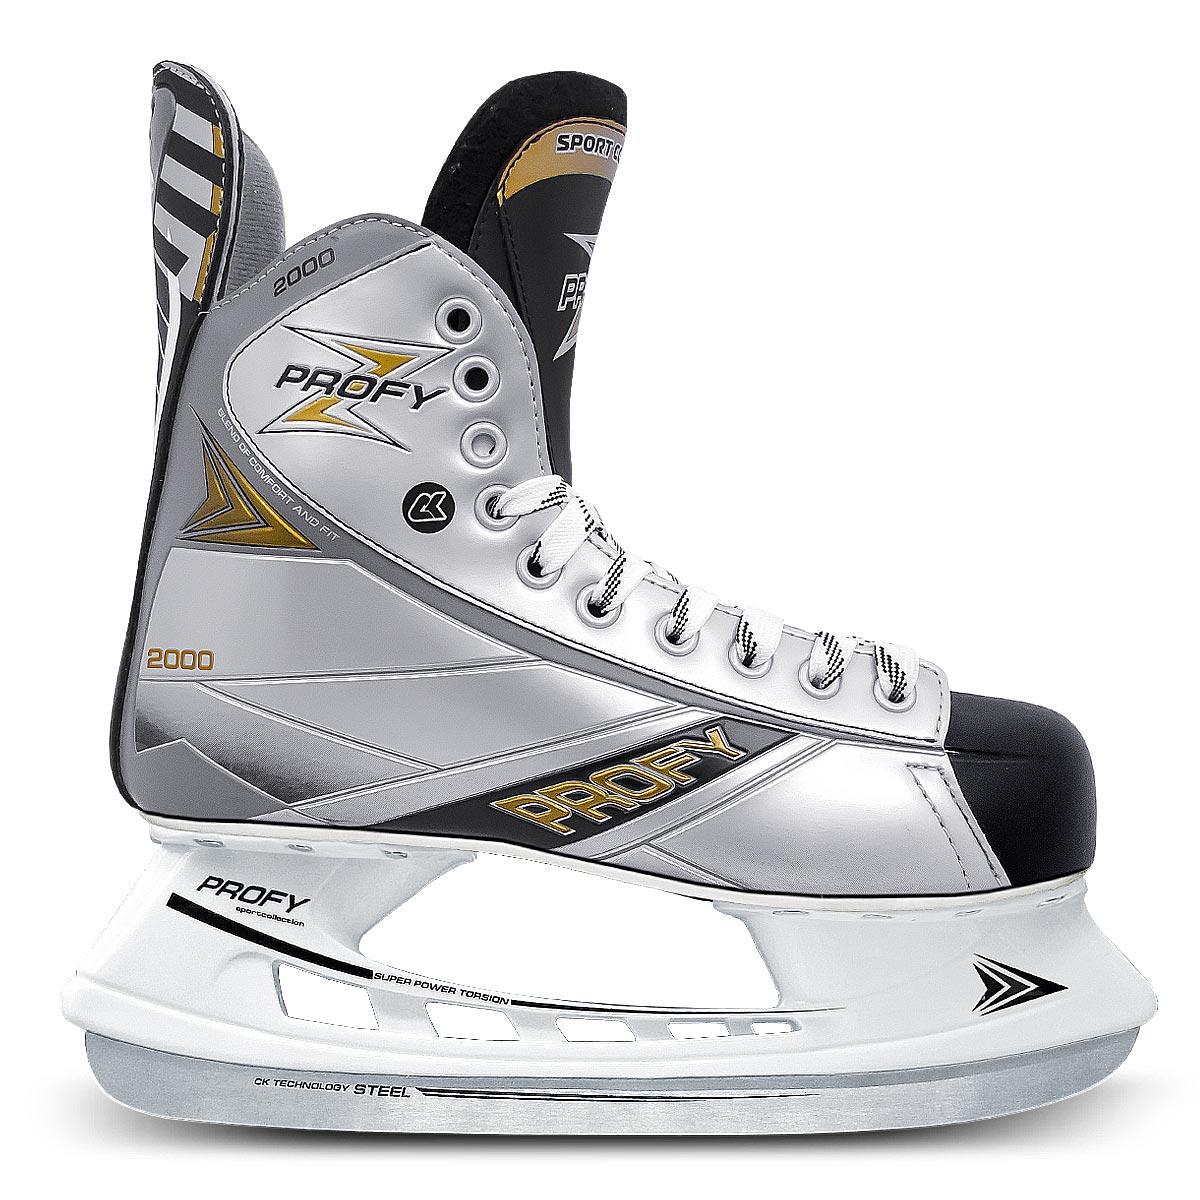 Коньки хоккейные мужские СК Profy Z 2000, цвет: черный, серый. Размер 47Profy Z 2000Стильные мужские коньки от CK Profy Z 2000 прекрасно подойдут для начинающих игроков в хоккей. Ботинок выполнен из морозоустойчивой искусственной кожи и ПВХ. Мыс дополнен вставкой, которая защитит ноги от ударов. Внутренний слой и стелька изготовлены из мягкого текстиля, который обеспечит тепло и комфорт во время катания, язычок - из войлока. Плотная шнуровка надежно фиксирует модель на ноге. Голеностоп имеет удобный суппорт. По верху коньки декорированы тиснением в виде логотипа бренда. Подошва - из твердого пластика. Стойка выполнена из ударопрочного поливинилхлорида. Лезвие из углеродистой нержавеющей стали обеспечит превосходное скольжение. Оригинальные коньки придутся вам по душе.